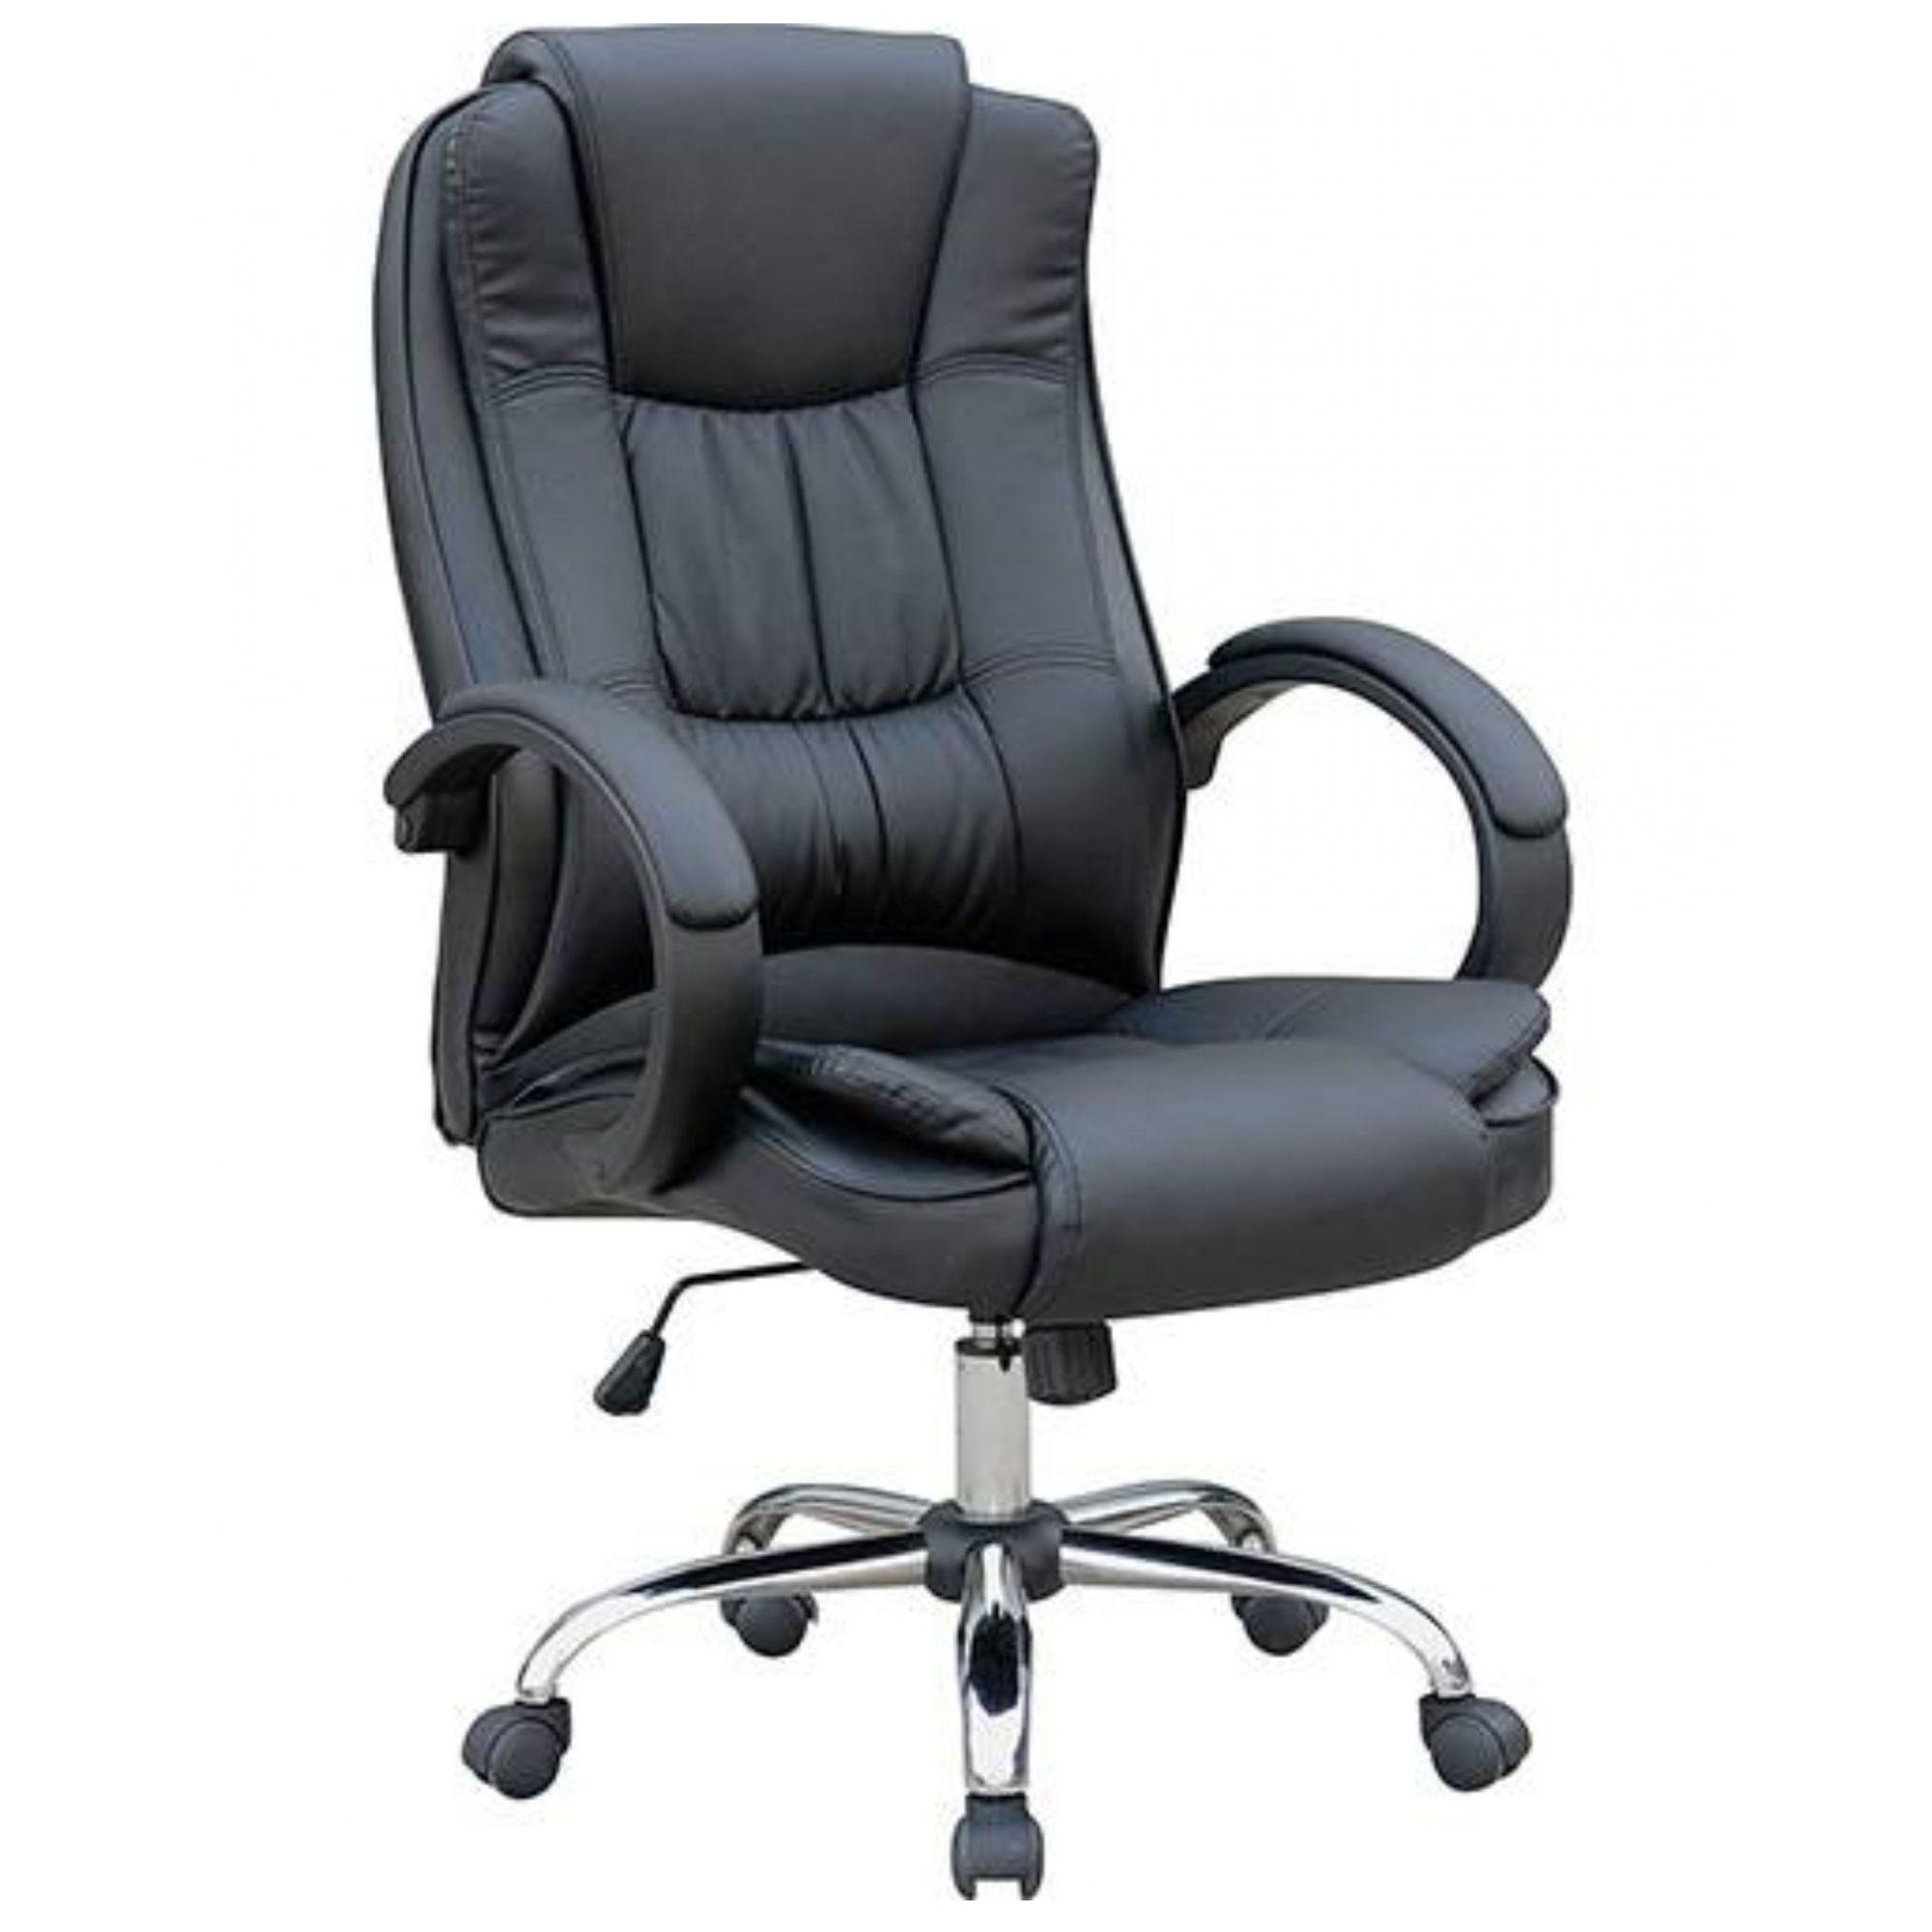 Cadeira Presidente em Couro PU PEL-2043 - 91185